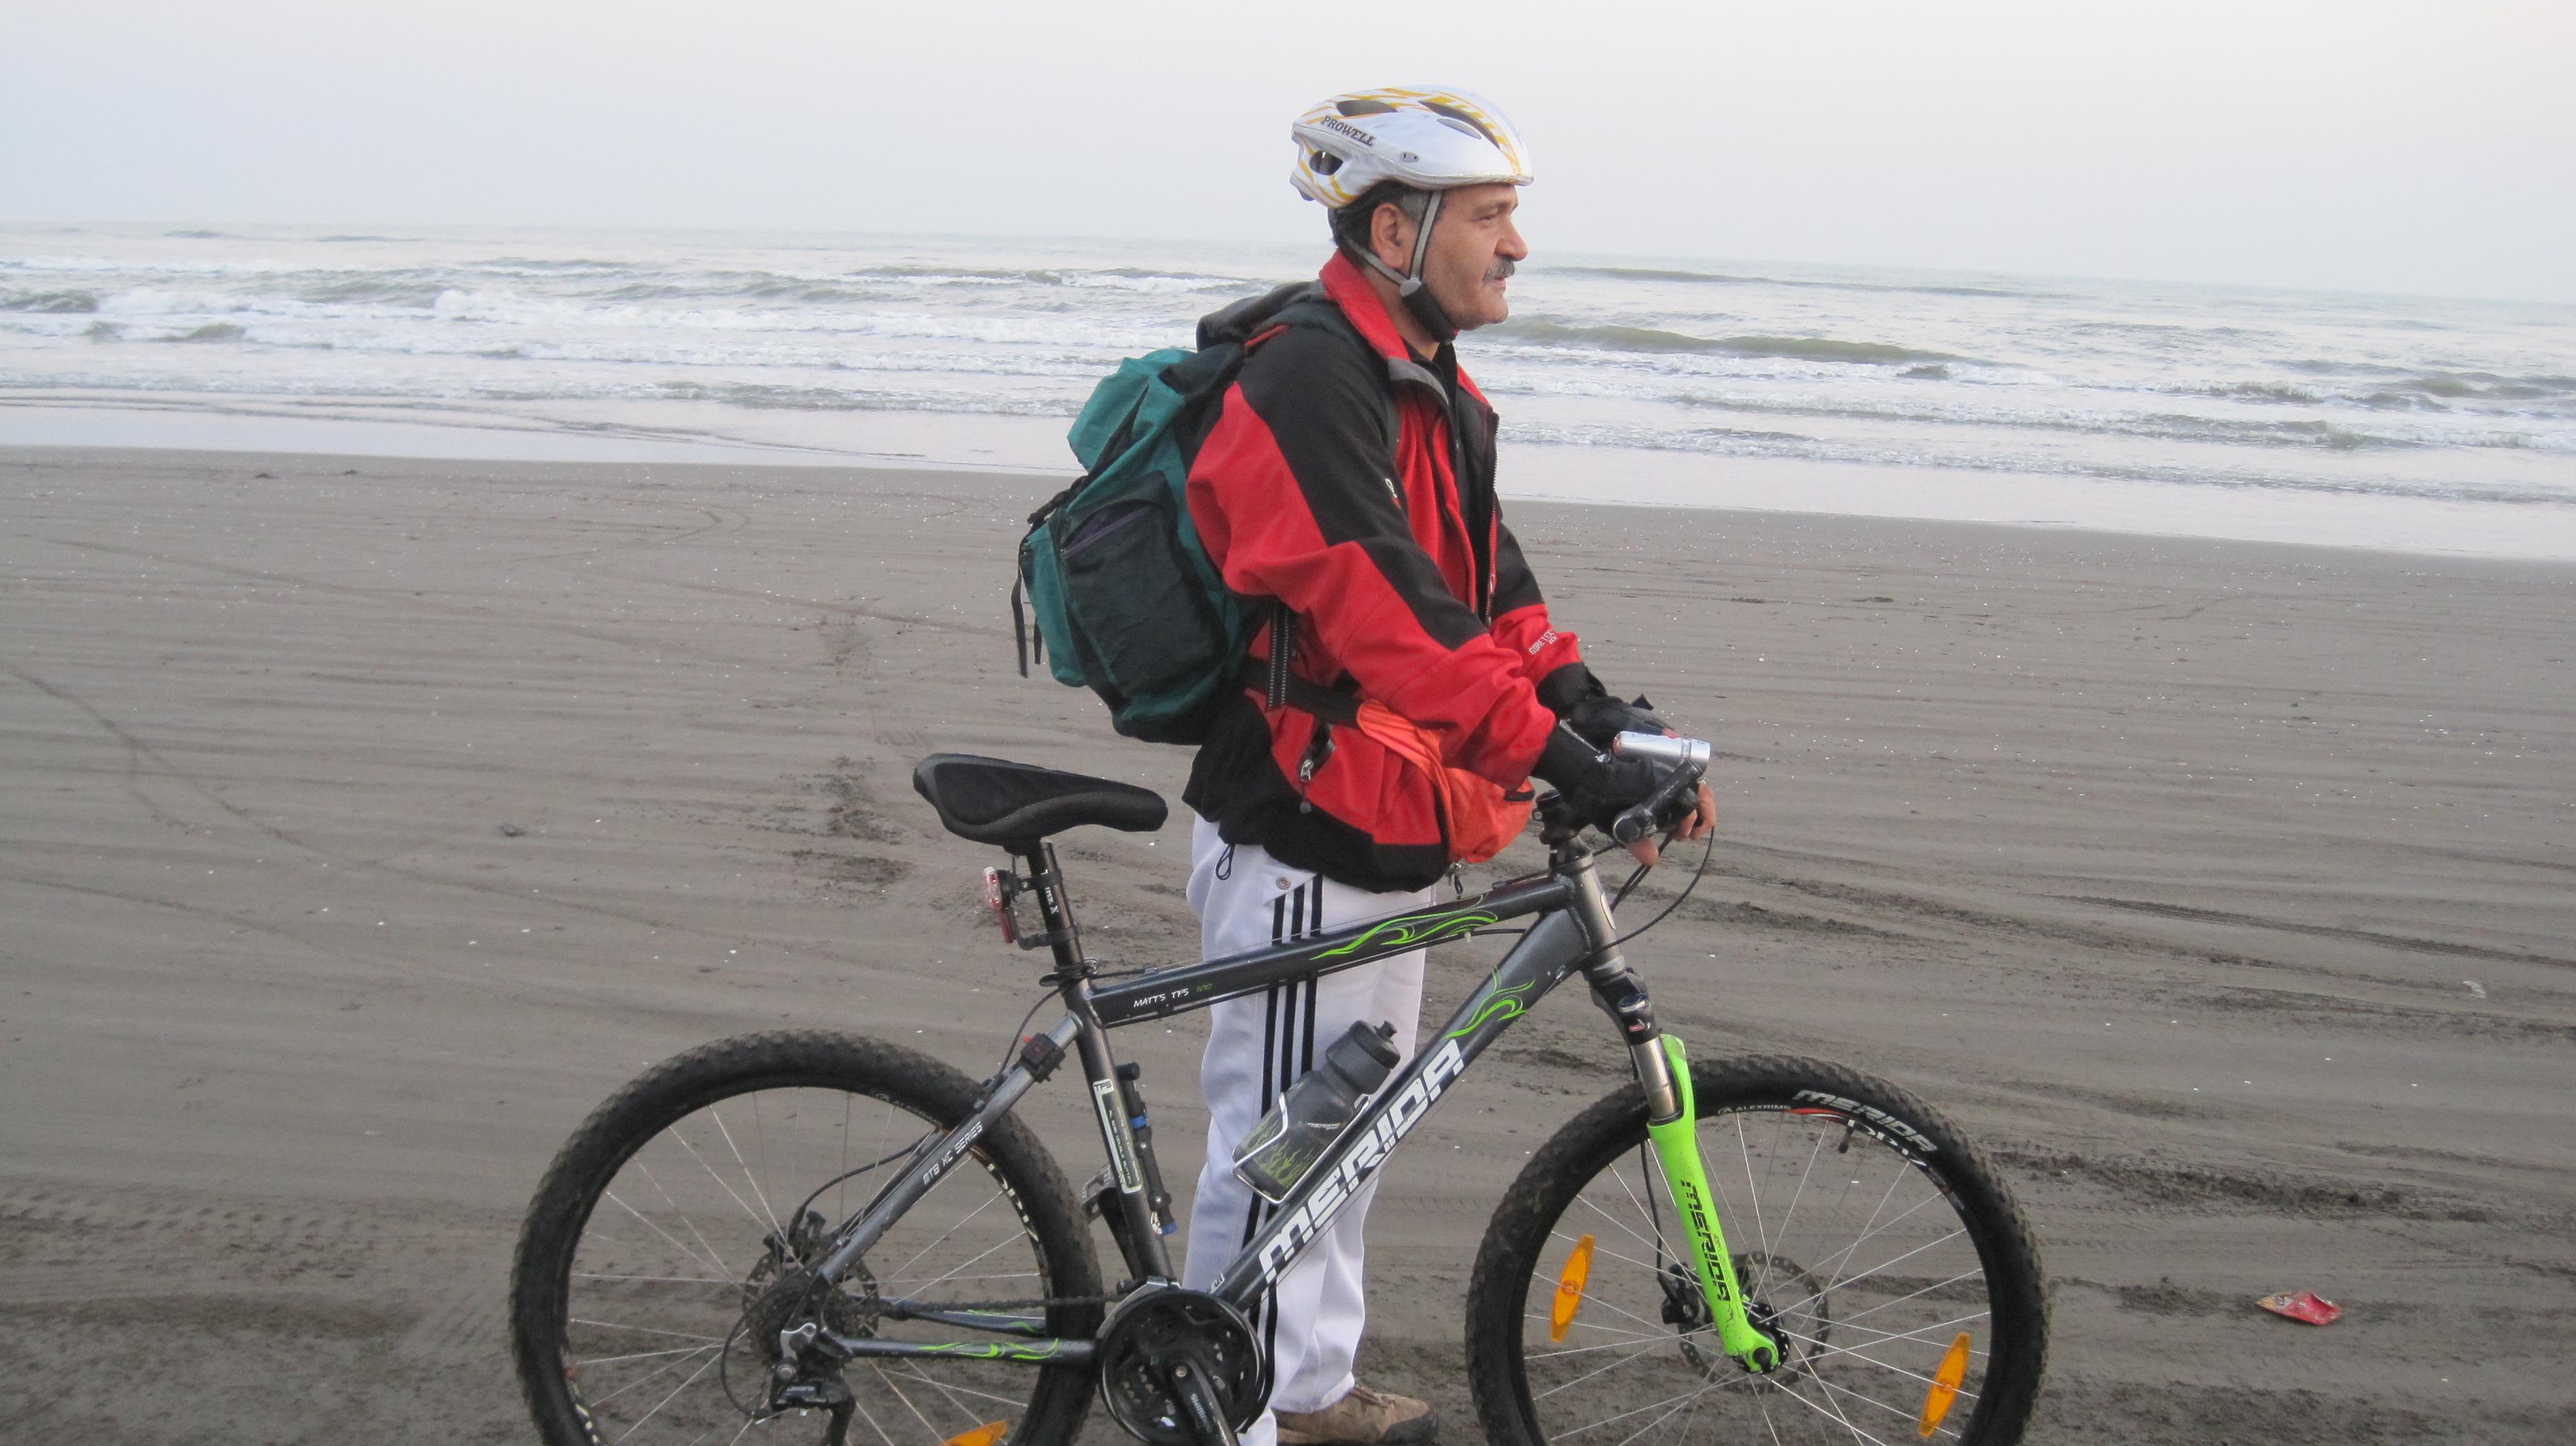 هفتمین نشست شنبه هشتم خرداد ماه کارگروه دوچرخه سواری باشگاه دماوند